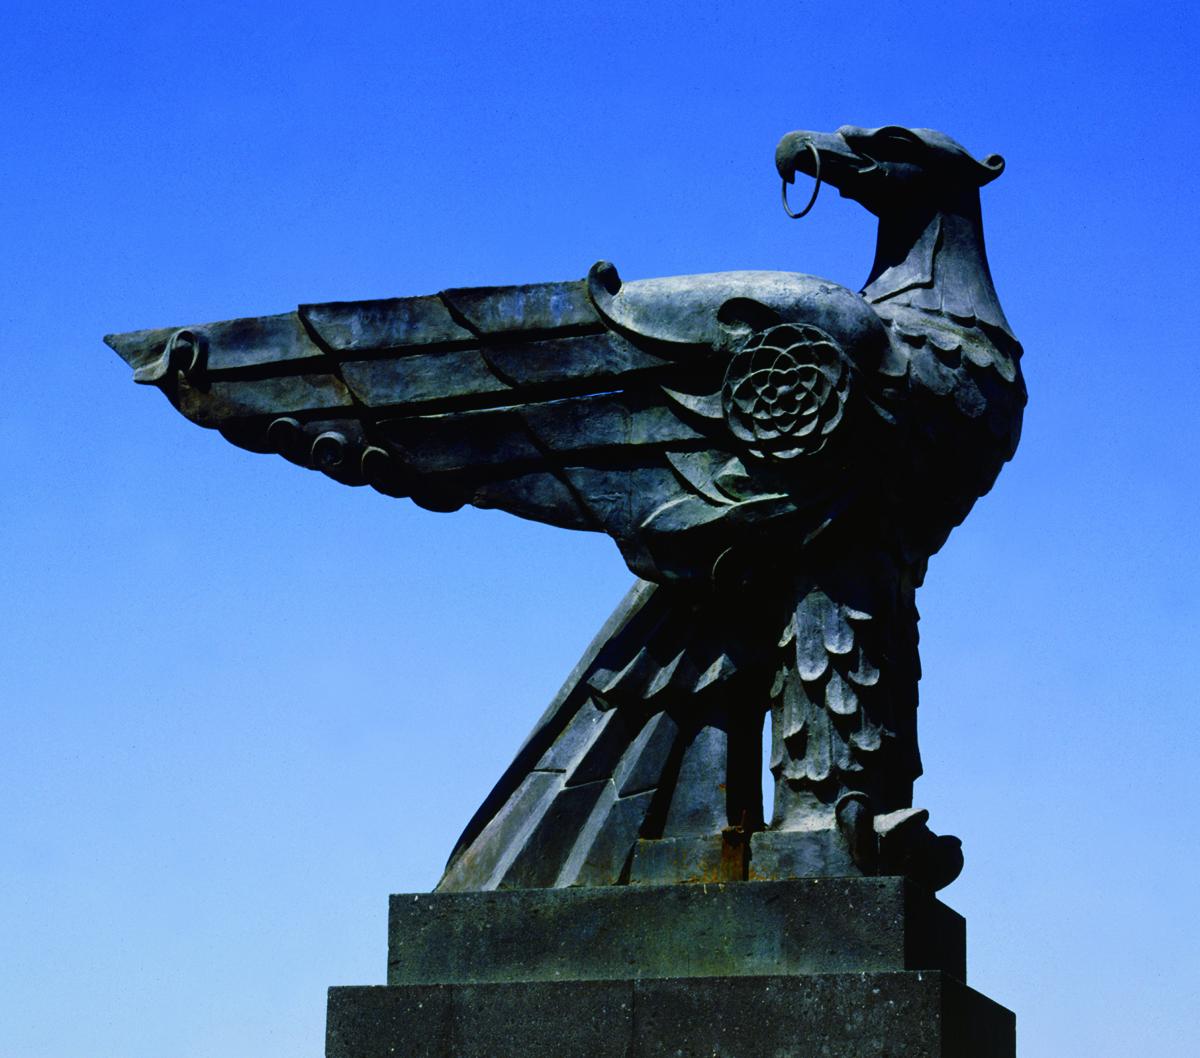 Zvartnots Eagle